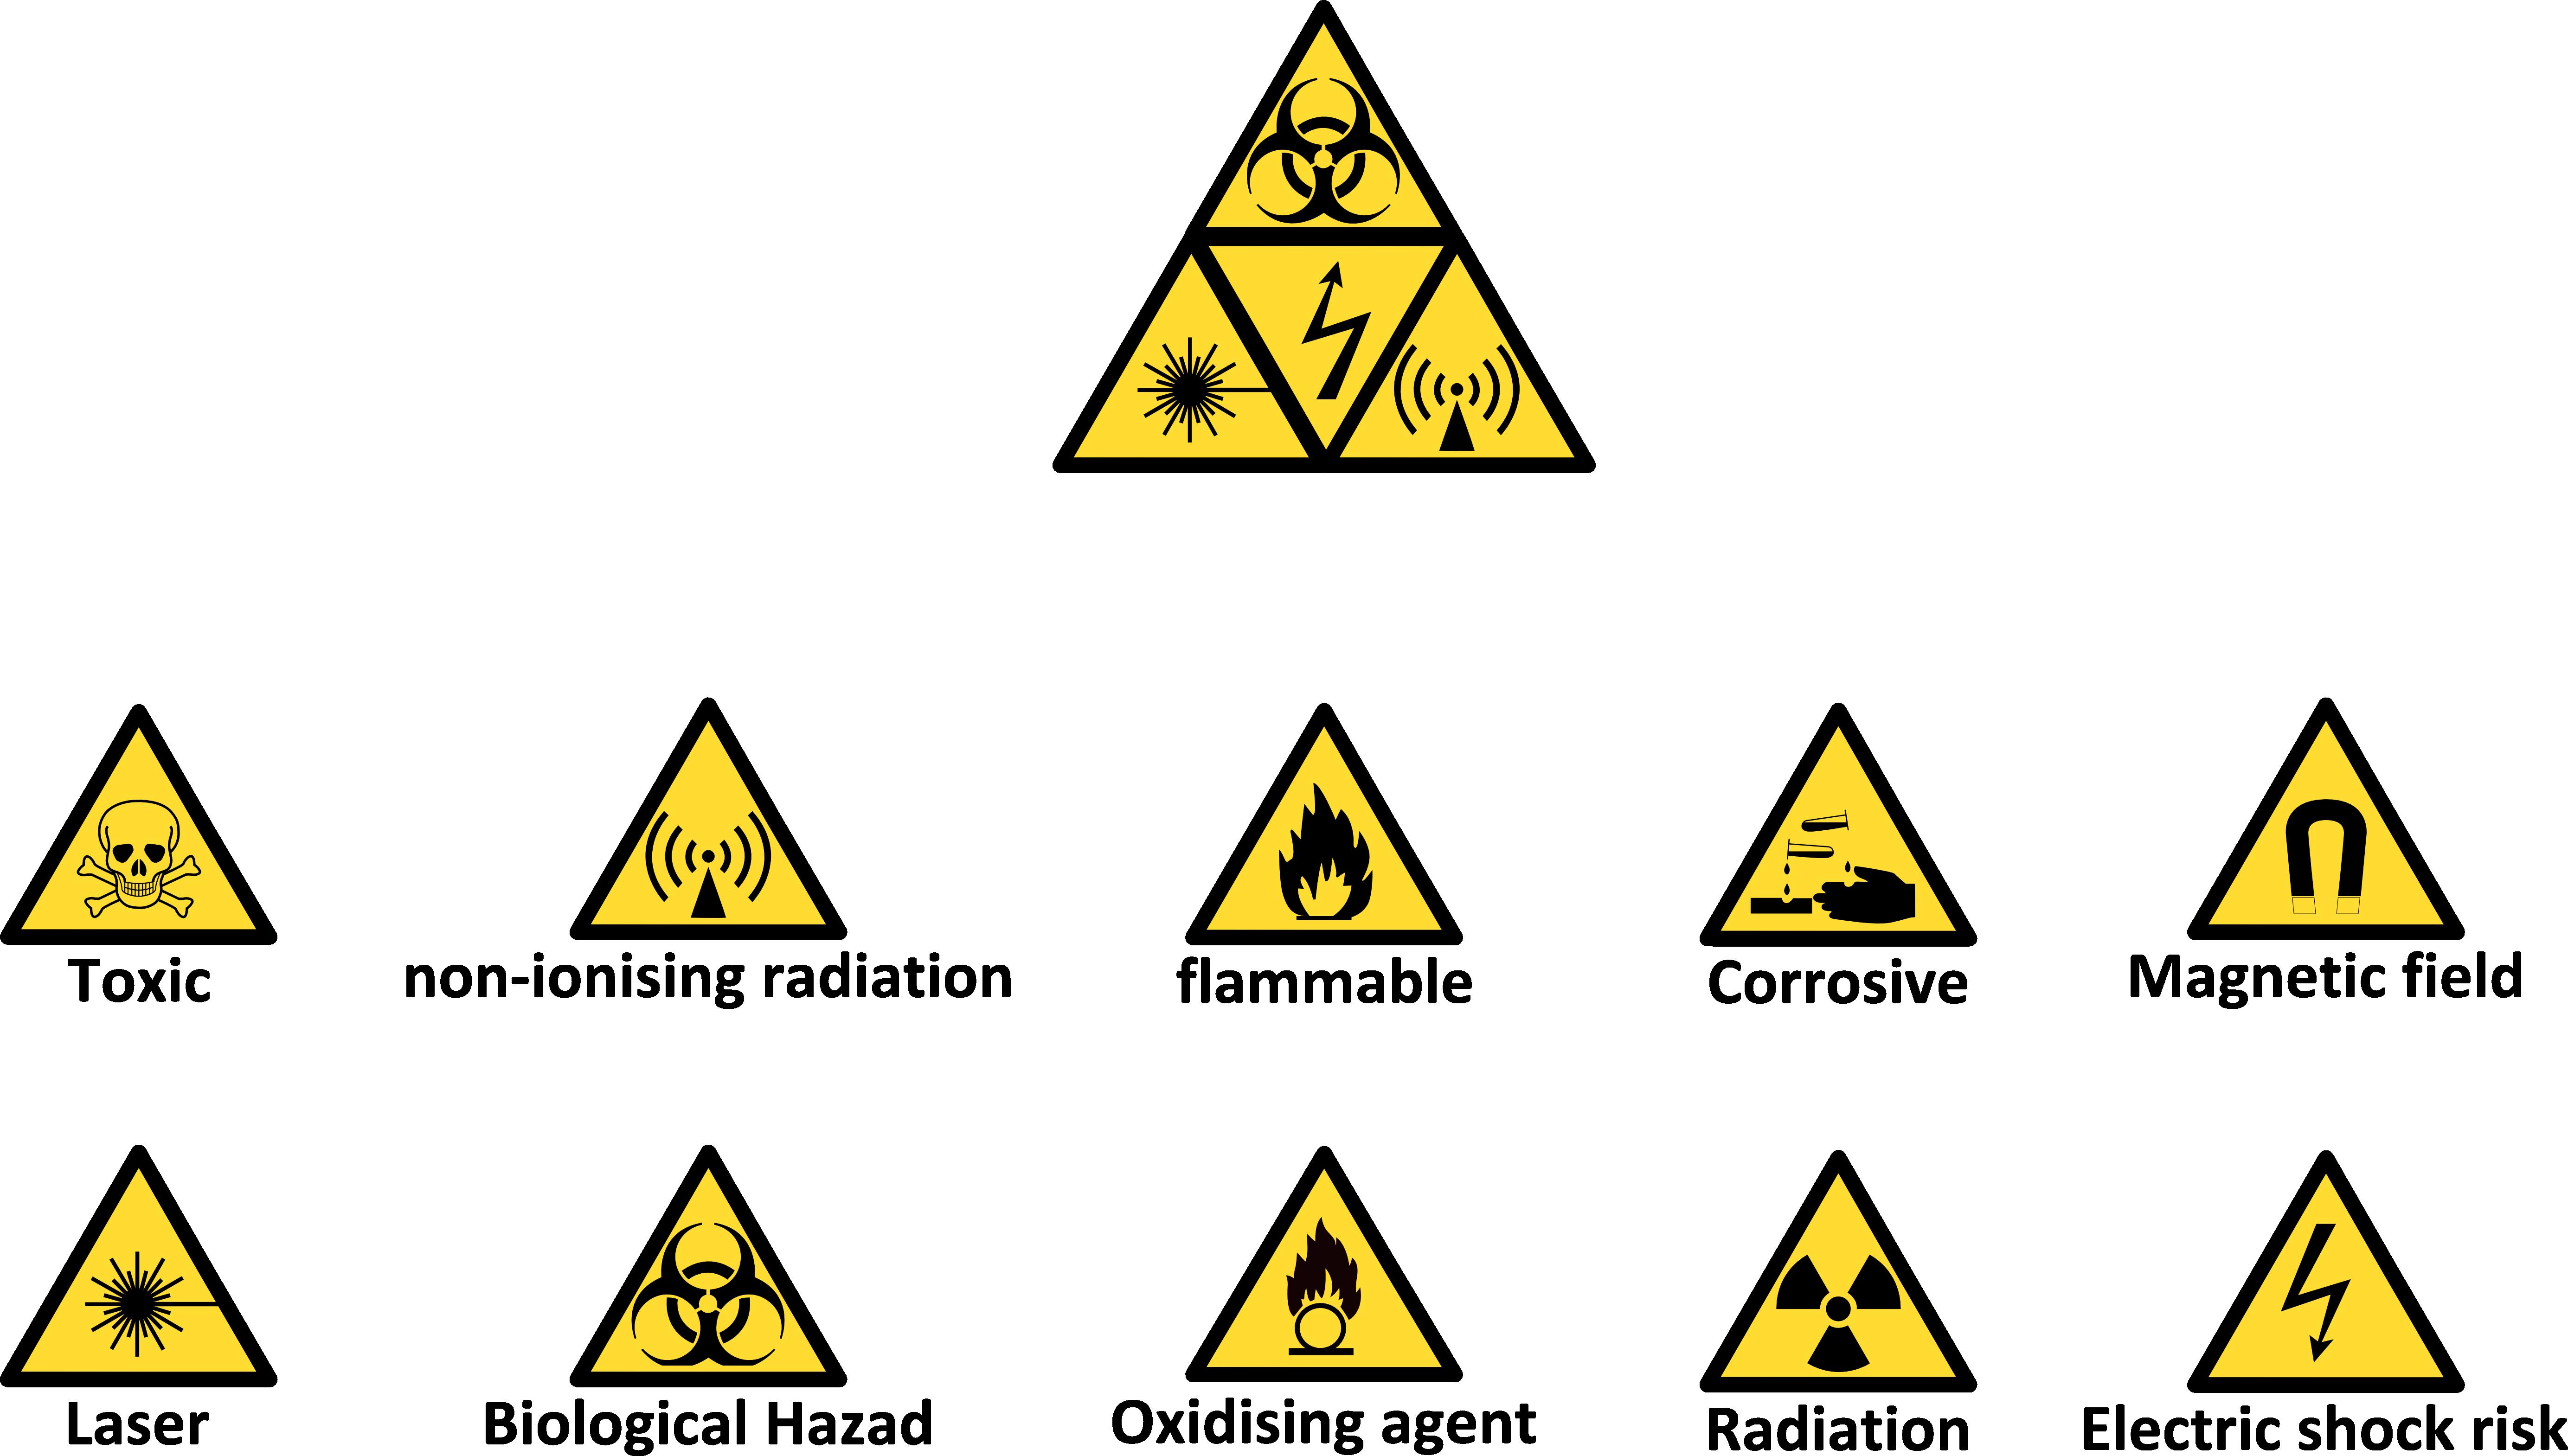 Warning Symbols by a01421 on DeviantArt